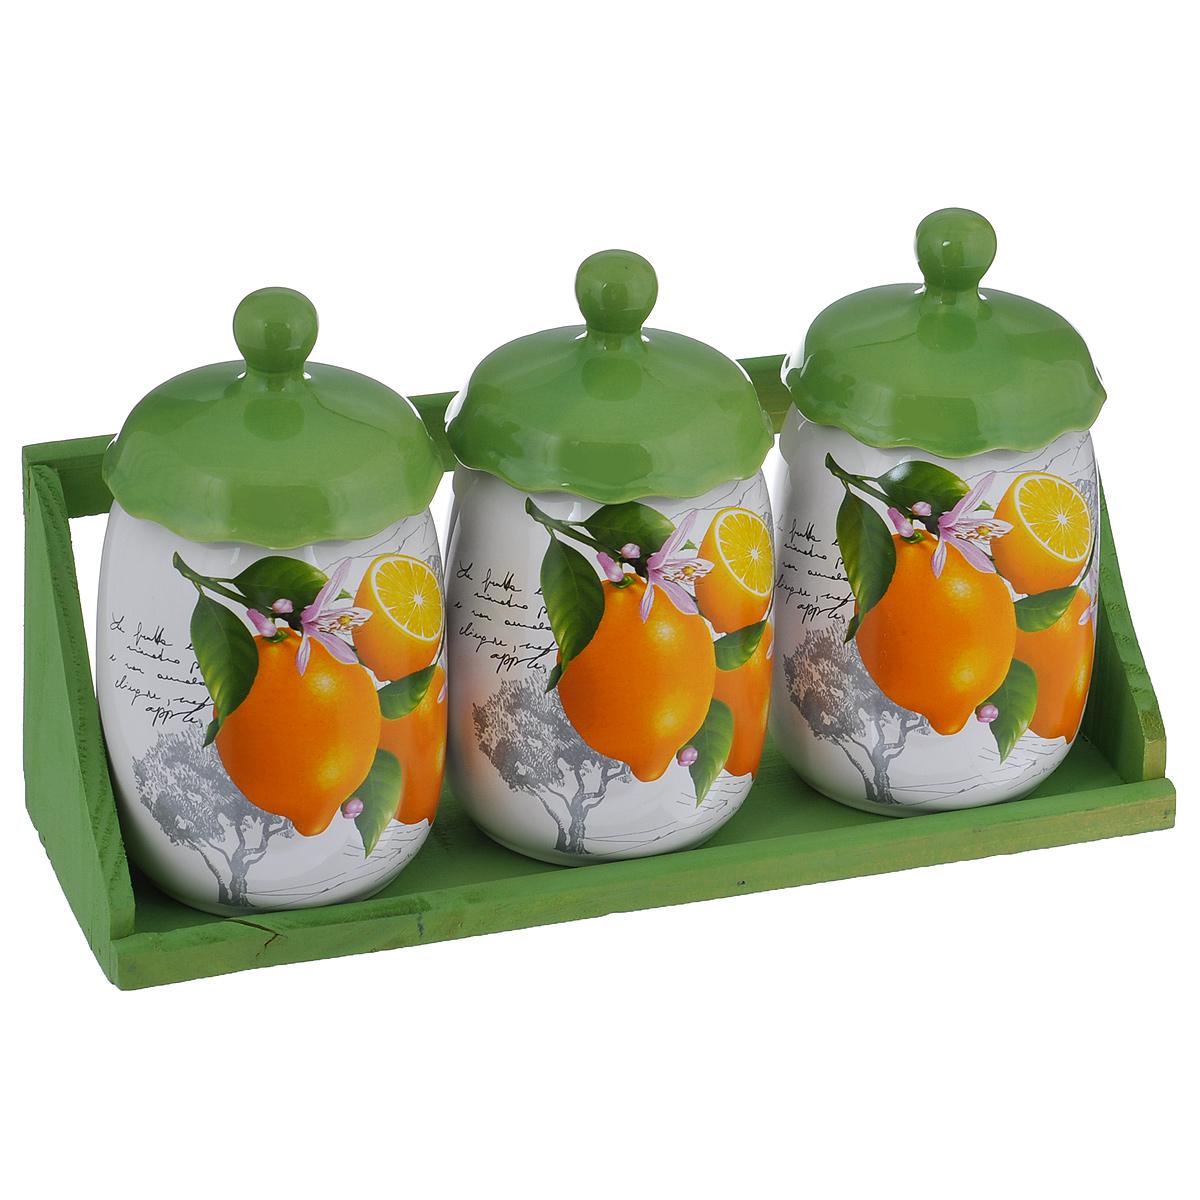 Набор банок для хранения сыпучих продуктов Лимоны, цвет: зеленый, белый, 4 предметаВетерок-2 У_6 поддоновНабор Лимоны состоит из трех больших банок и подставки. Предметы набора изготовлены из доломитовой керамики и декорированы изображением лимонов. Изделия помещаются на удобную деревянную подставку. Оригинальный дизайн, эстетичность и функциональность набора позволят ему стать достойным дополнением к кухонному инвентарю.Можно мыть в посудомоечной машине на минимальной температуре.Диаметр основания: 7,5 см.Высота емкости (без учета крышки): 13 см.Размер подставки: 31,5 см х 11 см х 10,5 см.